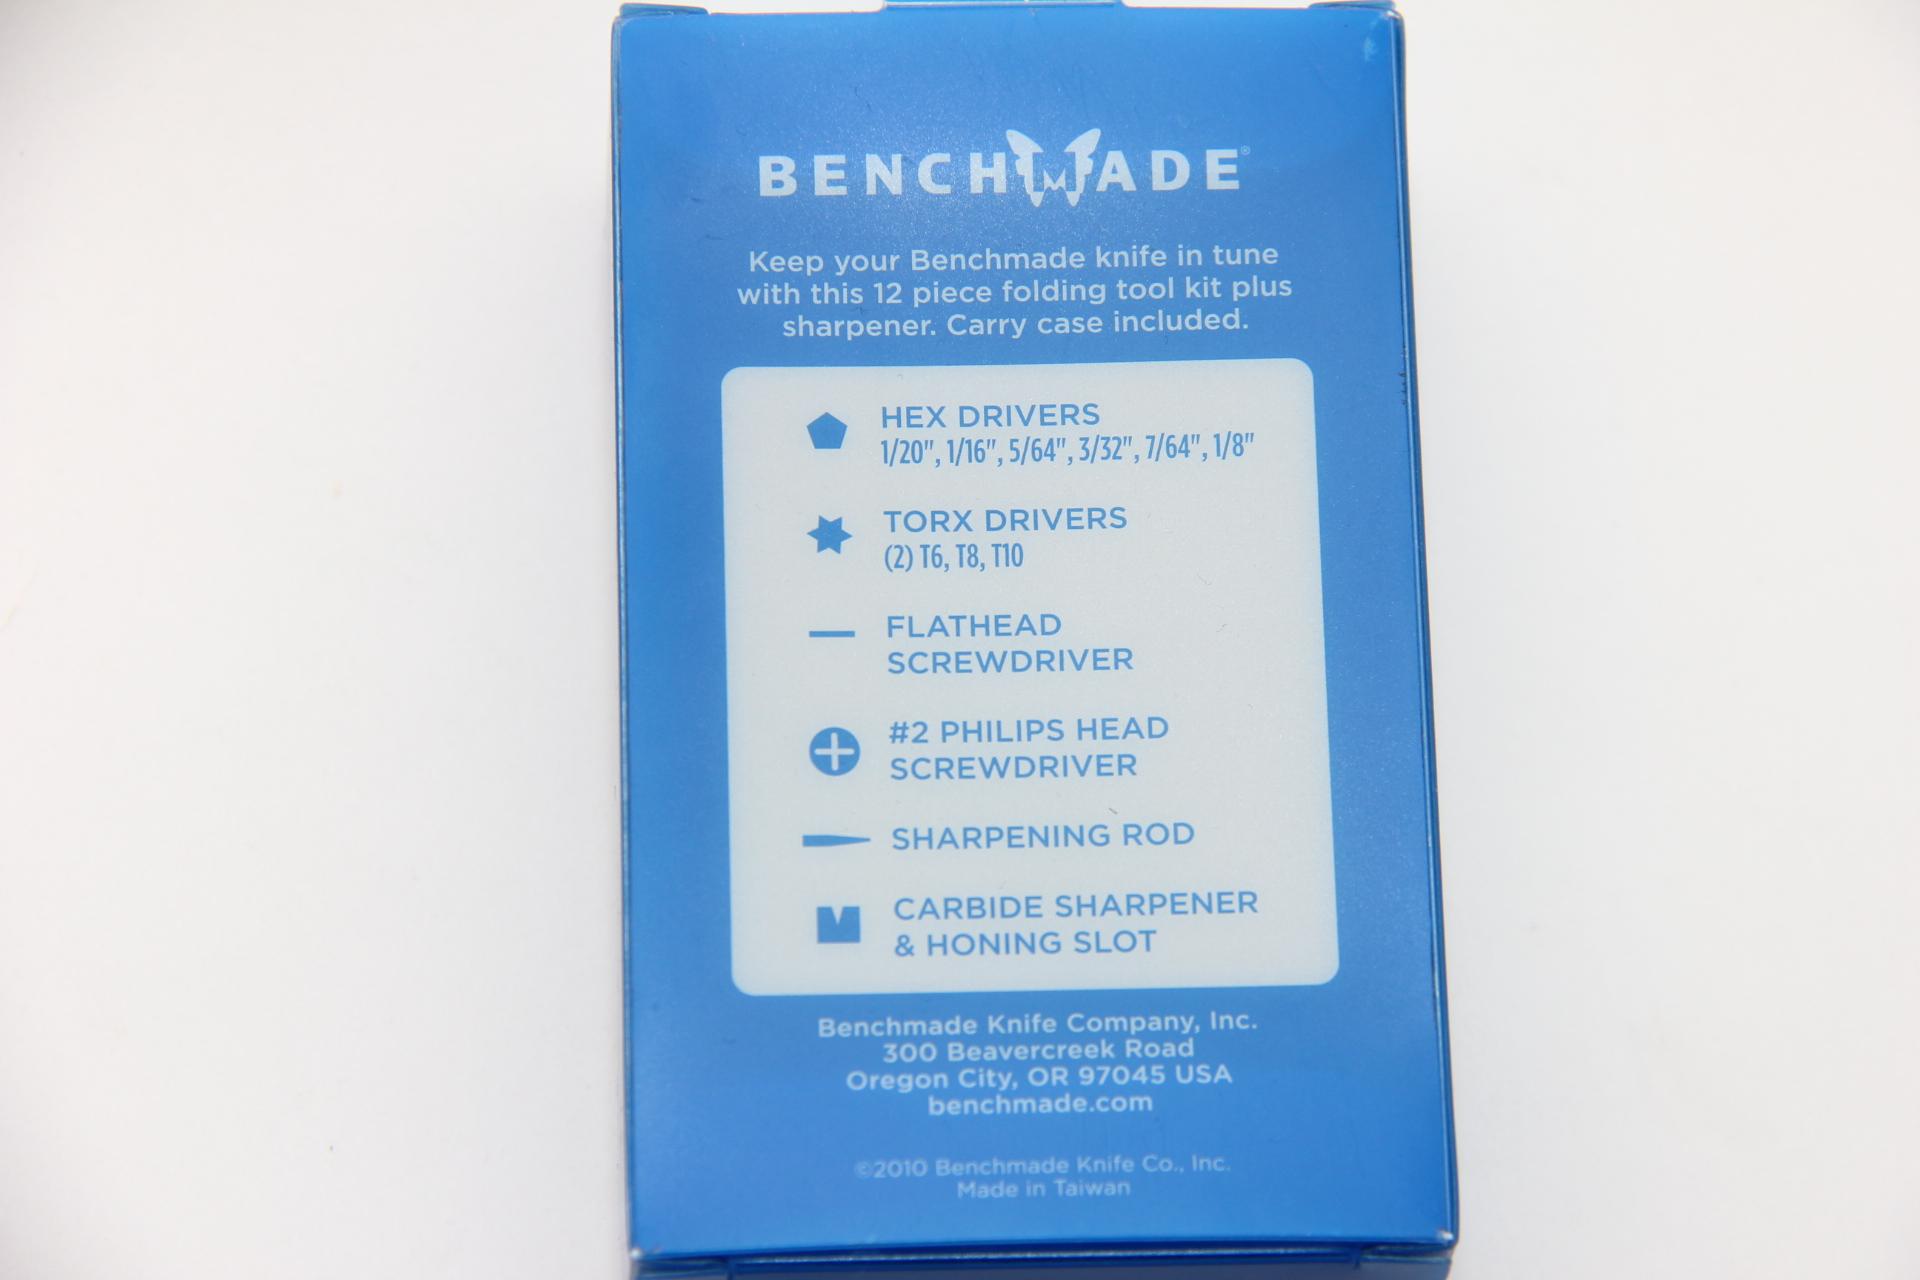 Benchmade Lonewolf Field Tool Kit универсальный набор - фотография